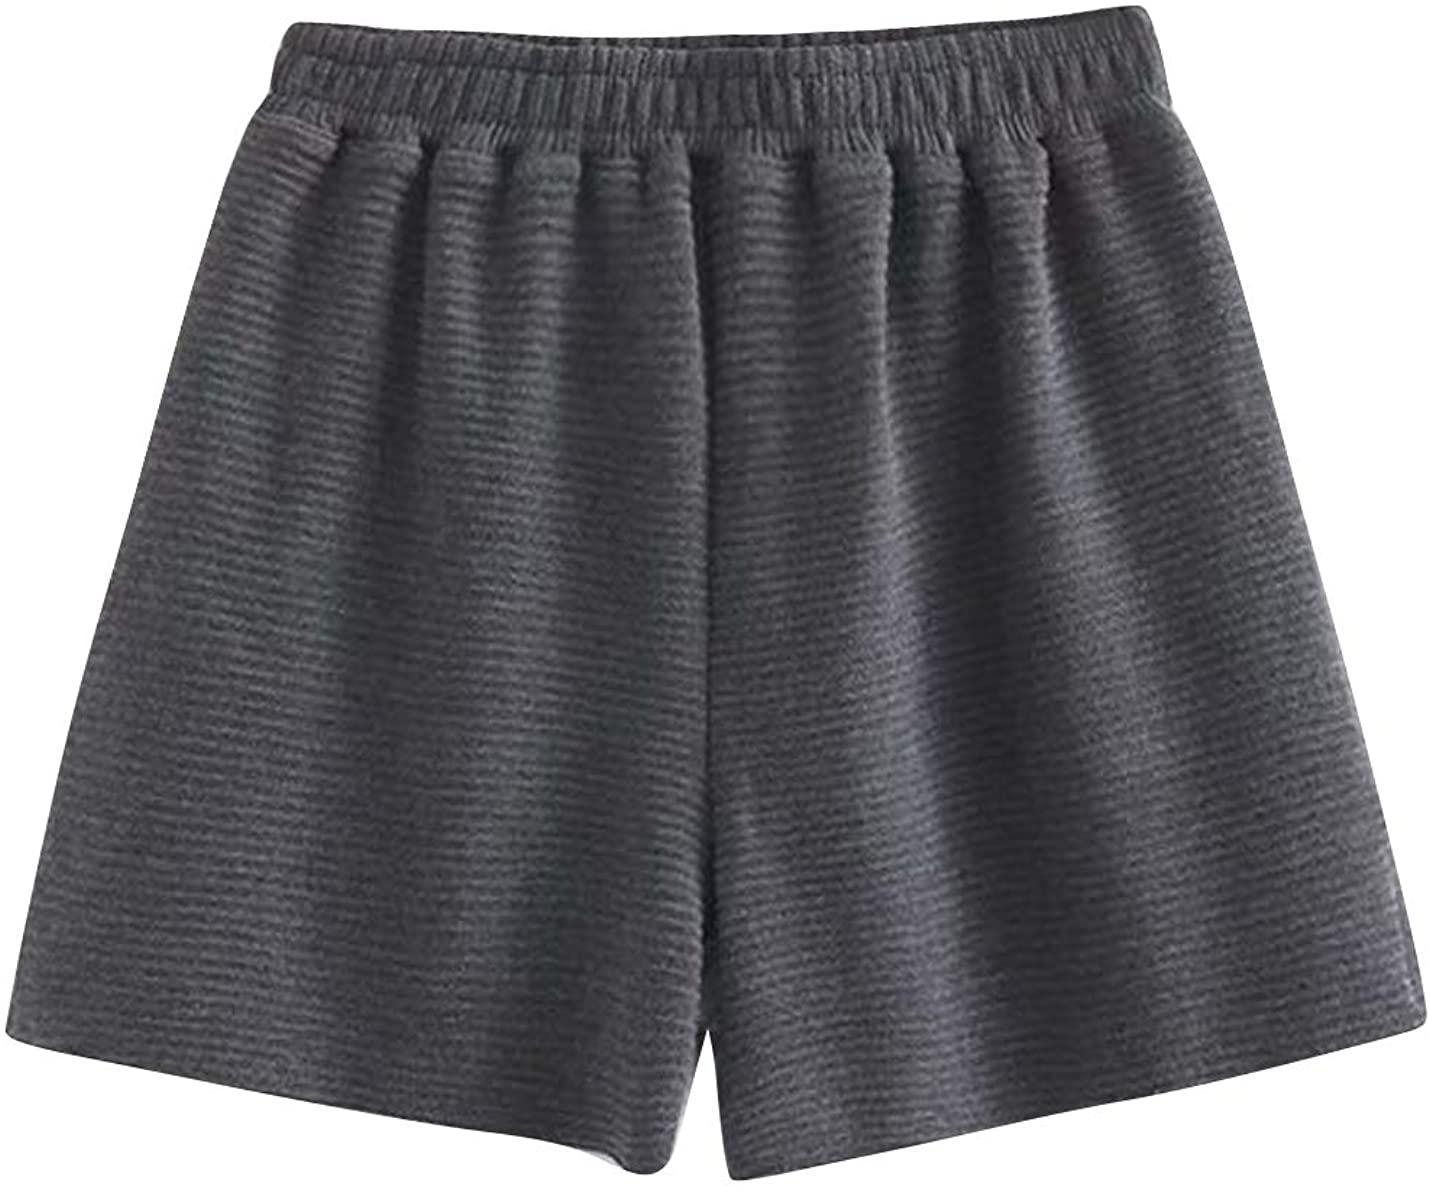 ZGZZ7 Women's Summer Casual Short High Waist Wide Leg Running Active Cotton Shorts